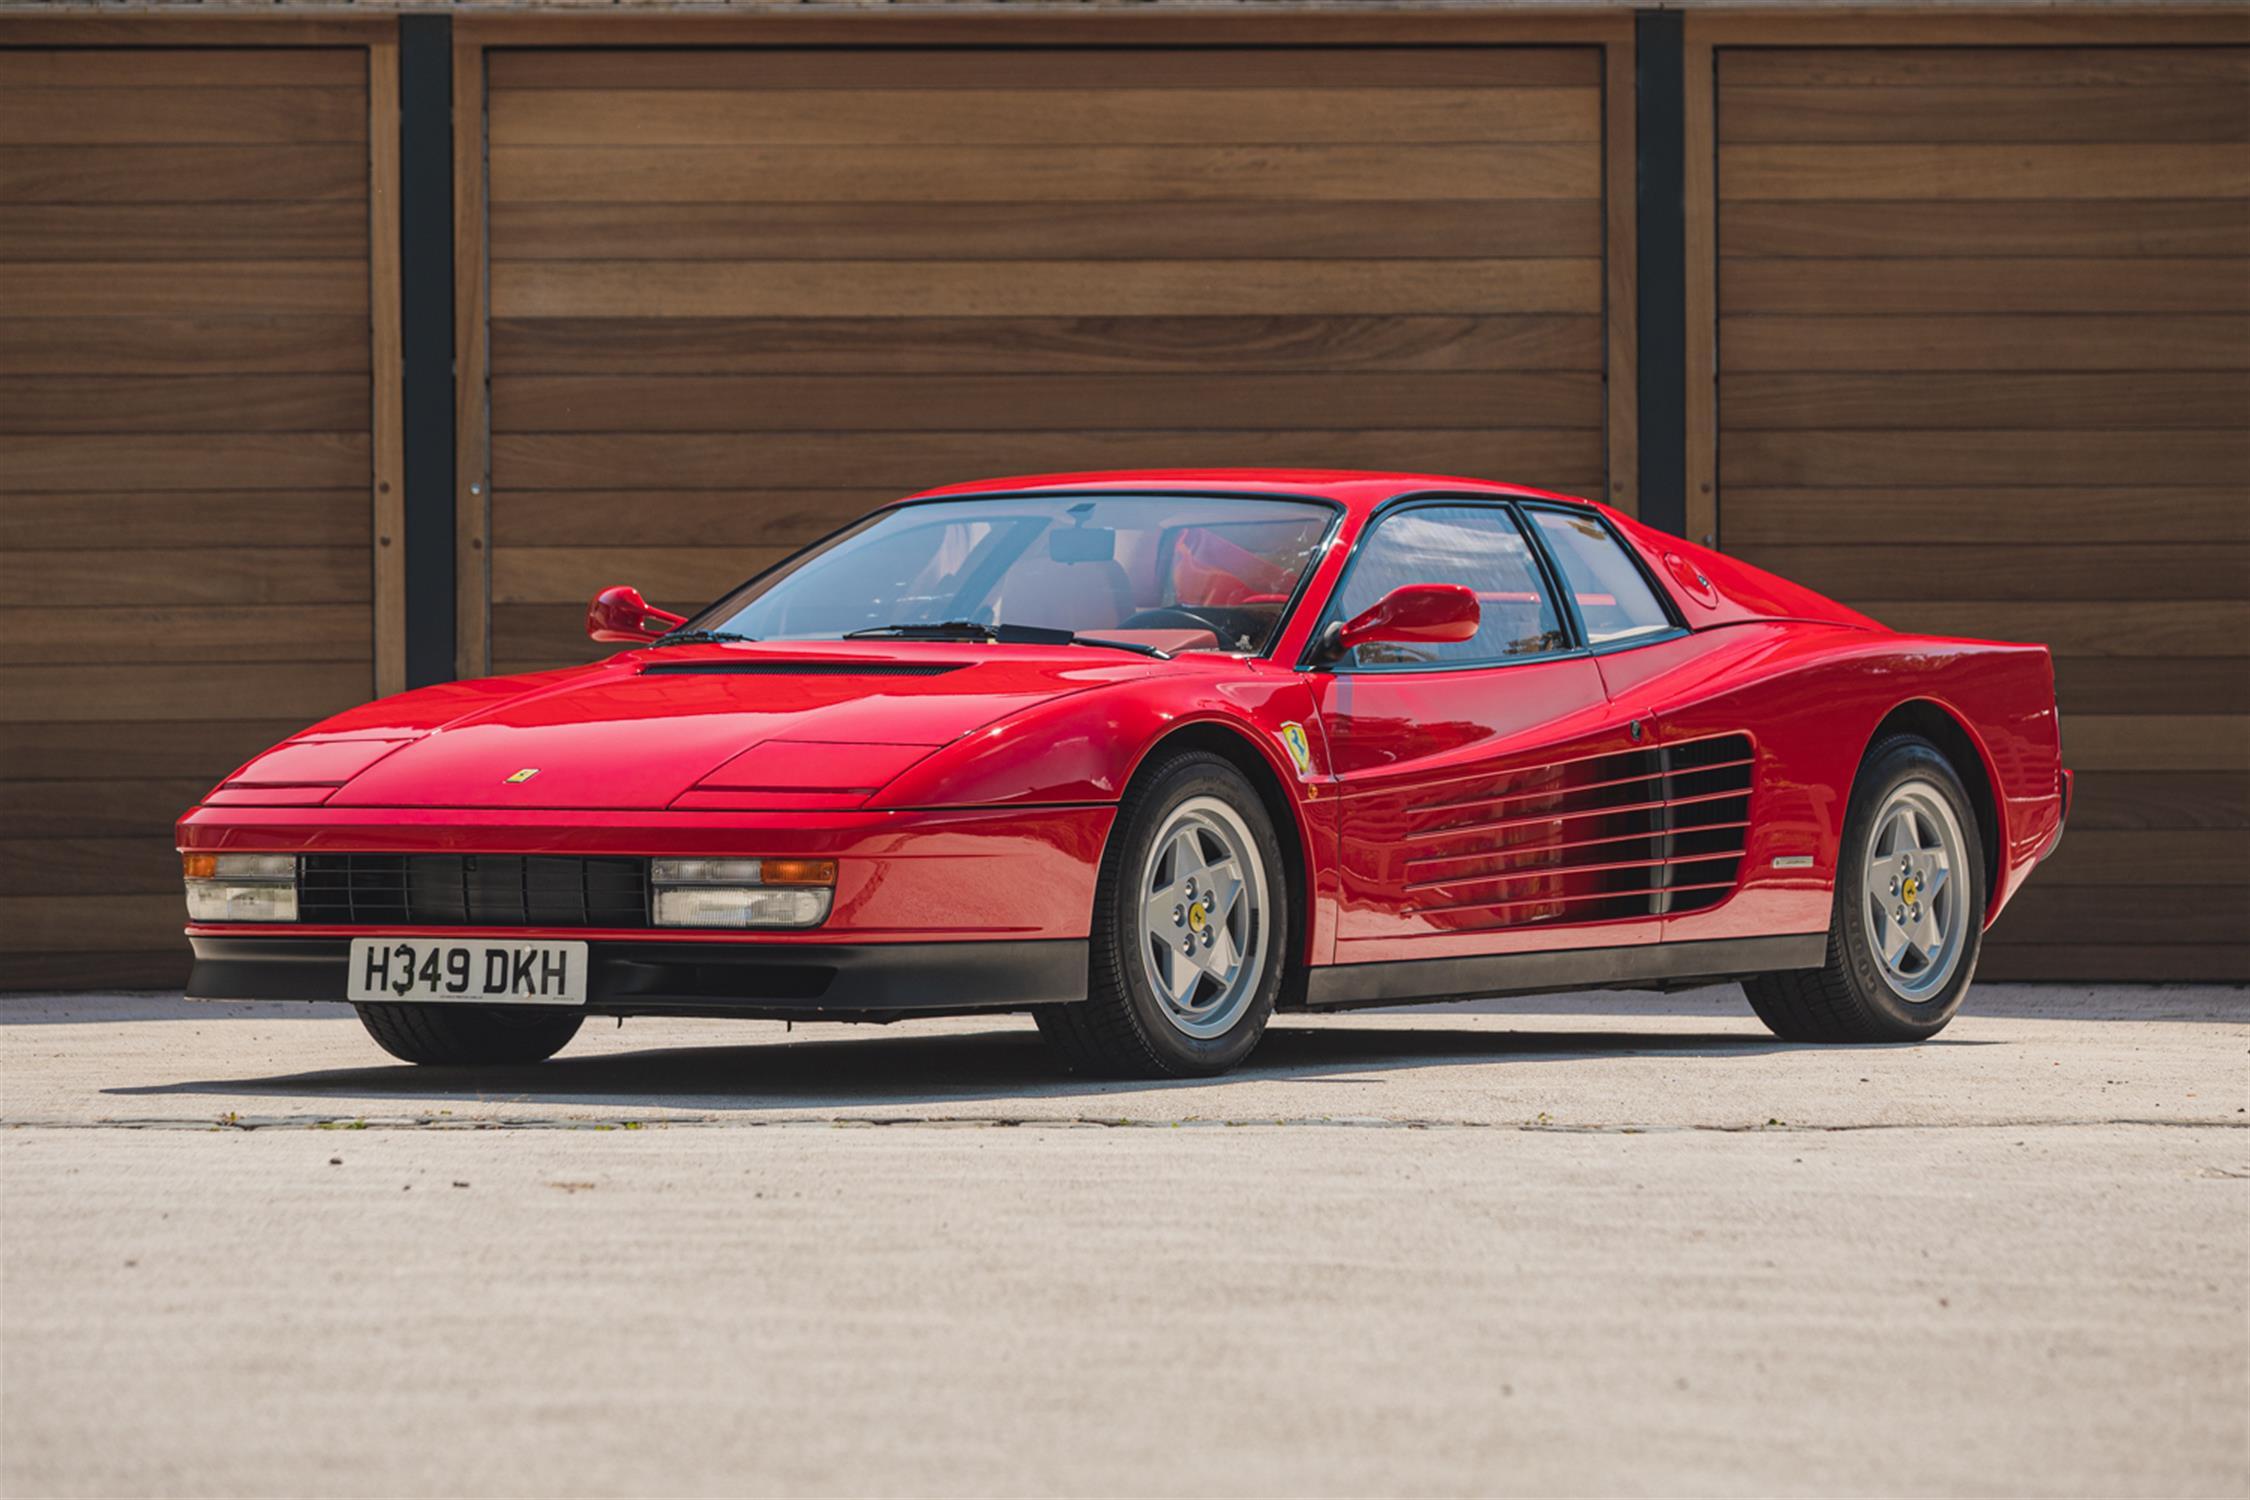 1991 Ferrari Testarossa - 1,829 Kilometres From New & Classiche'd - Image 6 of 15